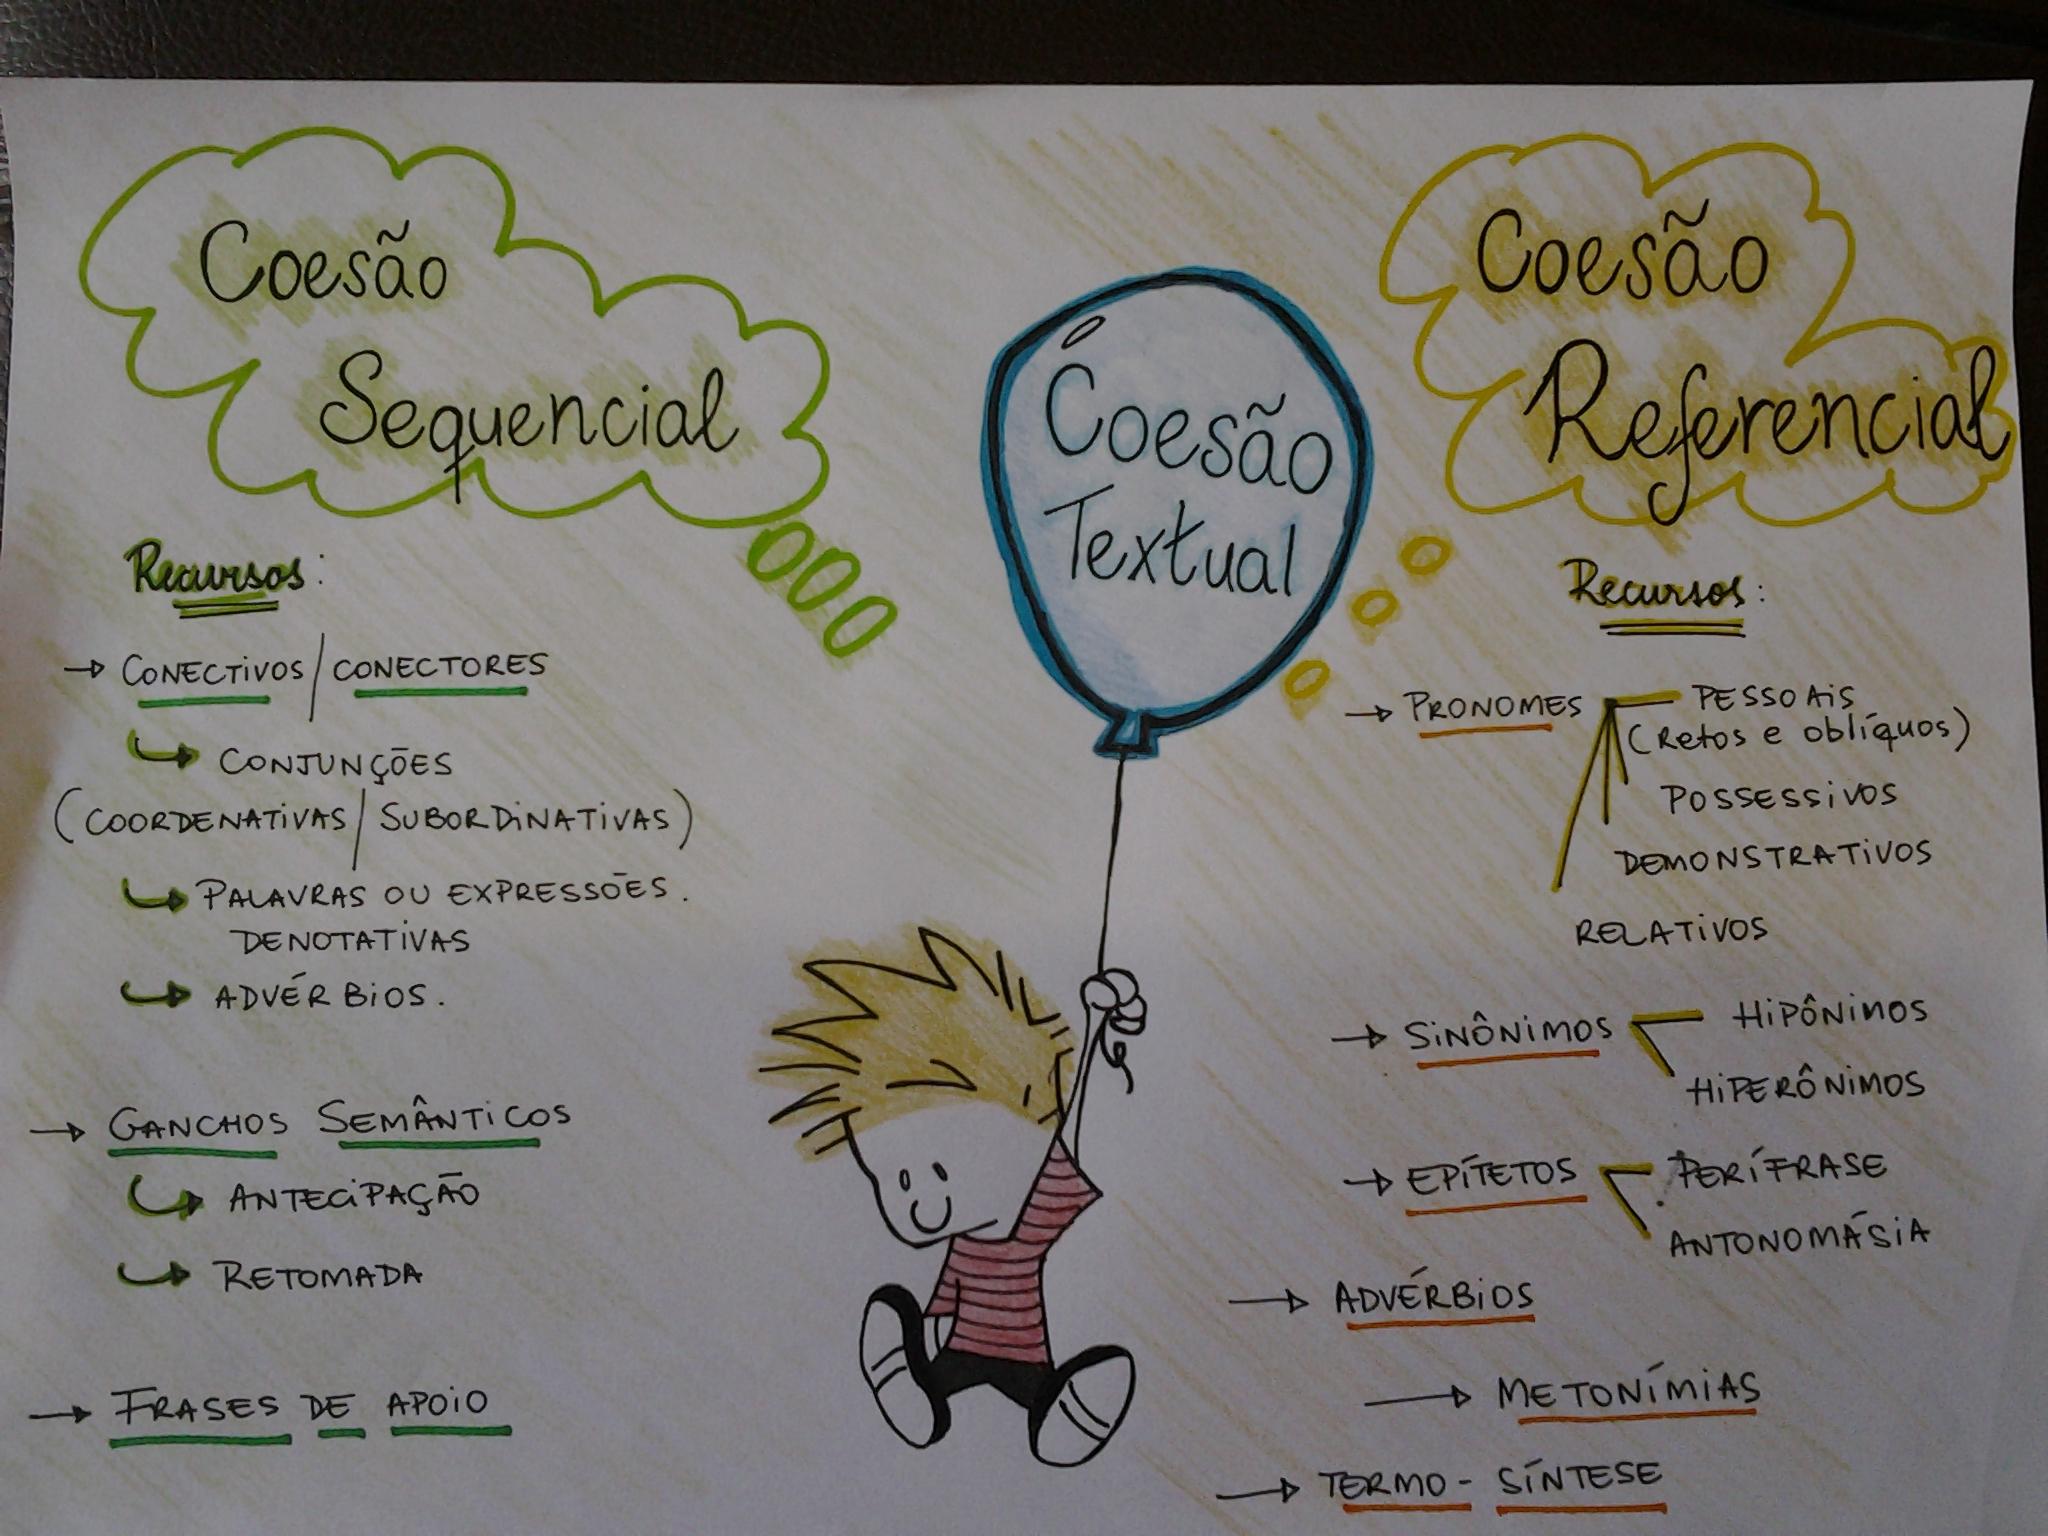 coesao-textual-mapa